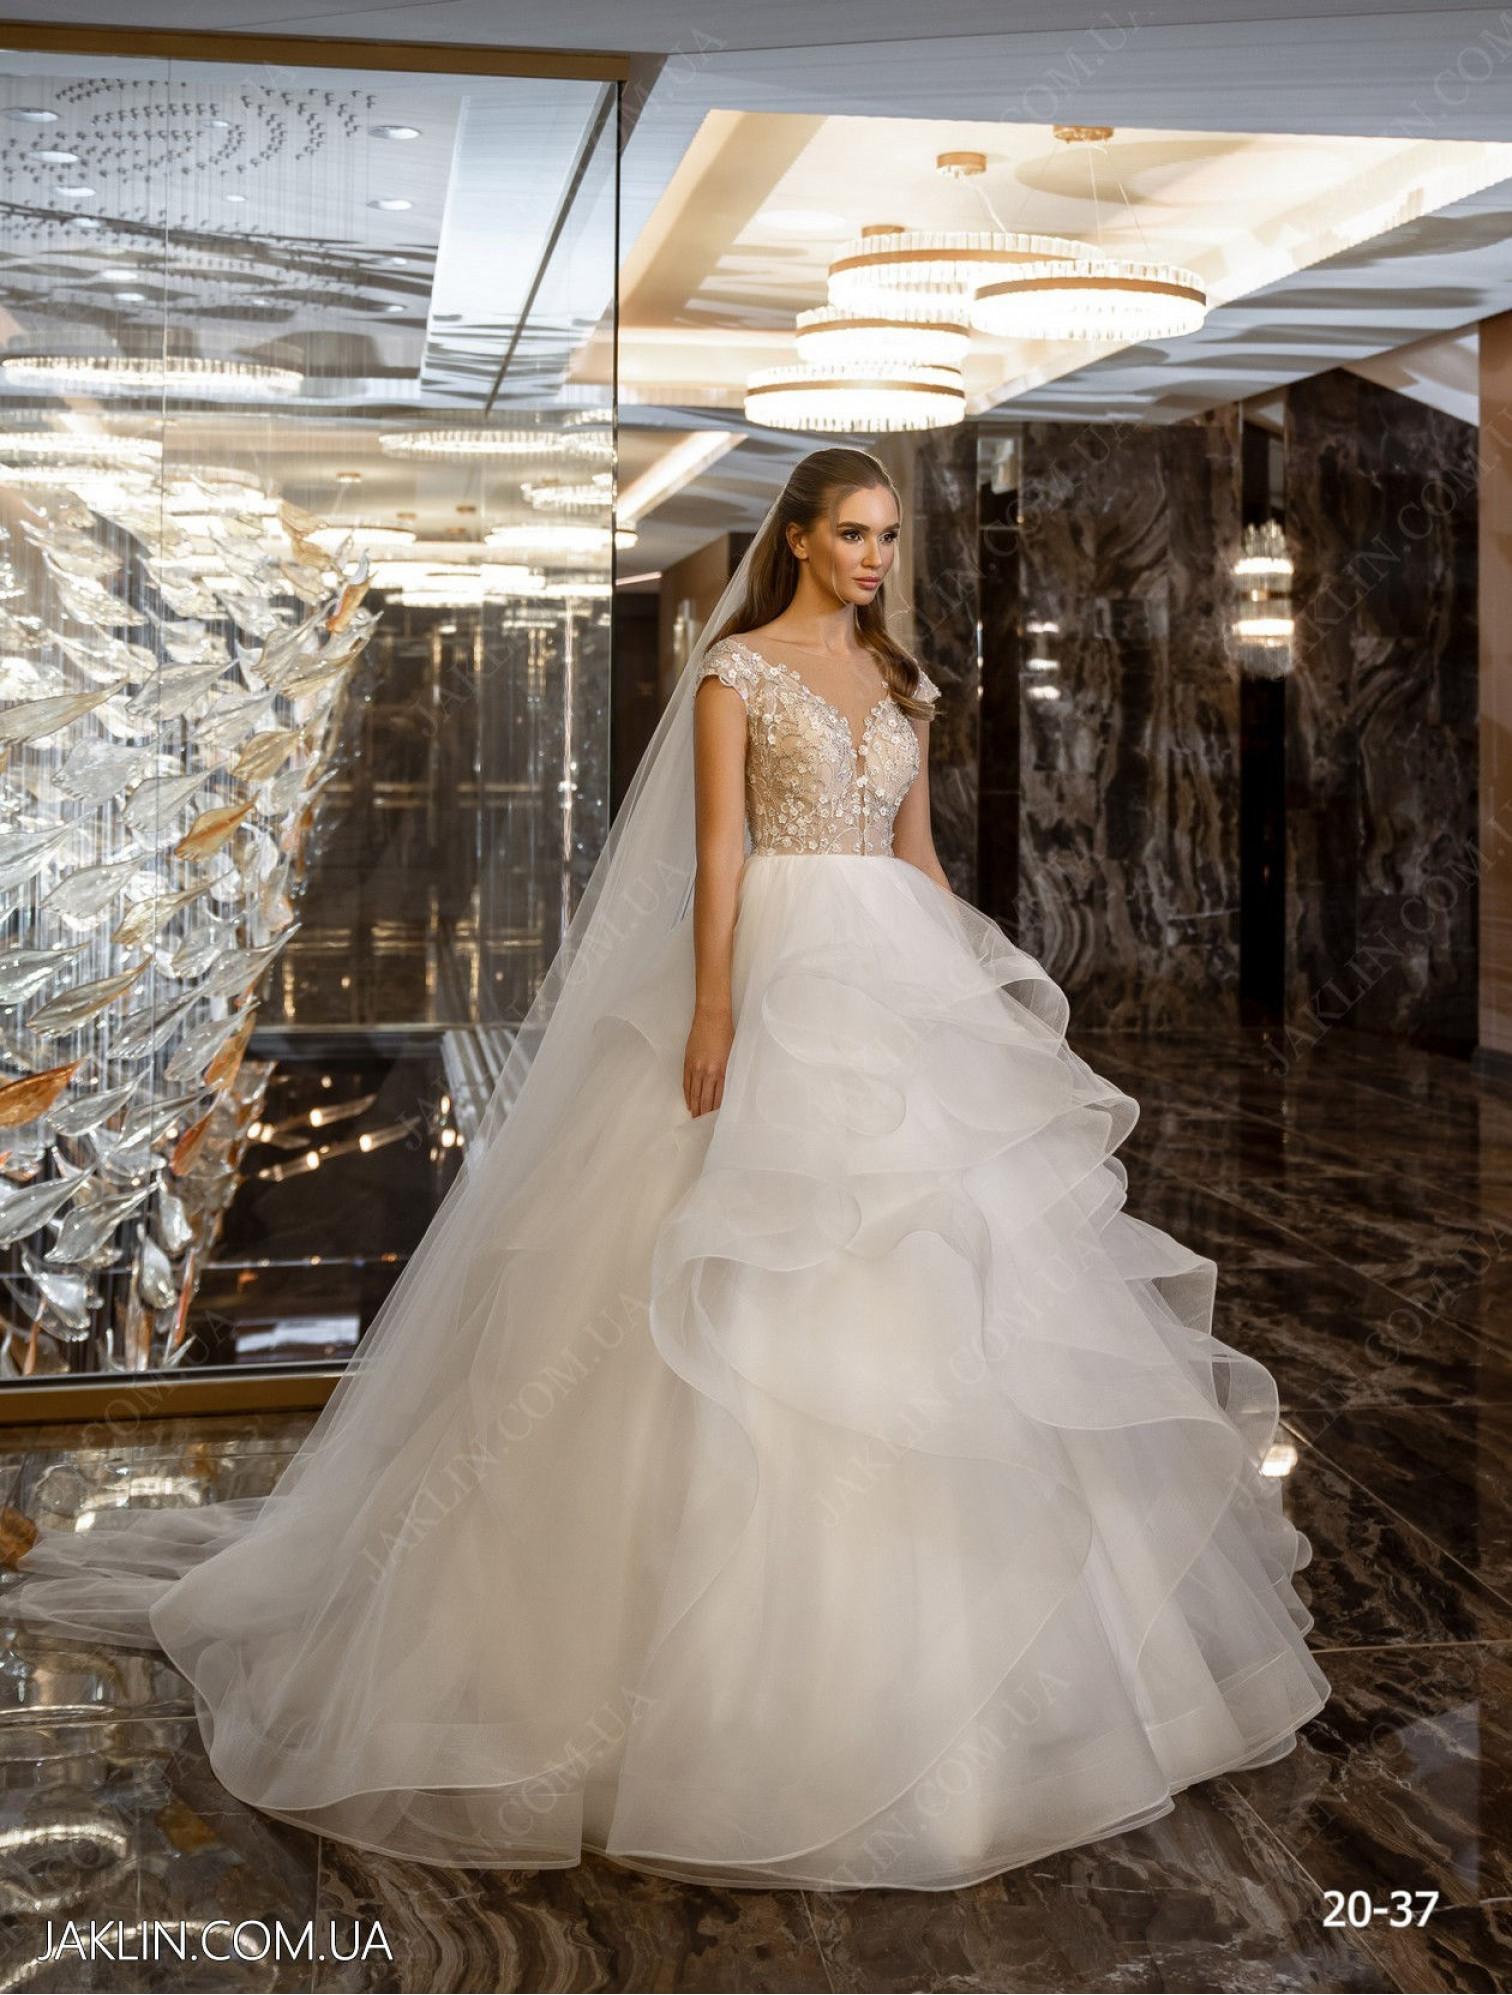 Весільна сукня 20-37